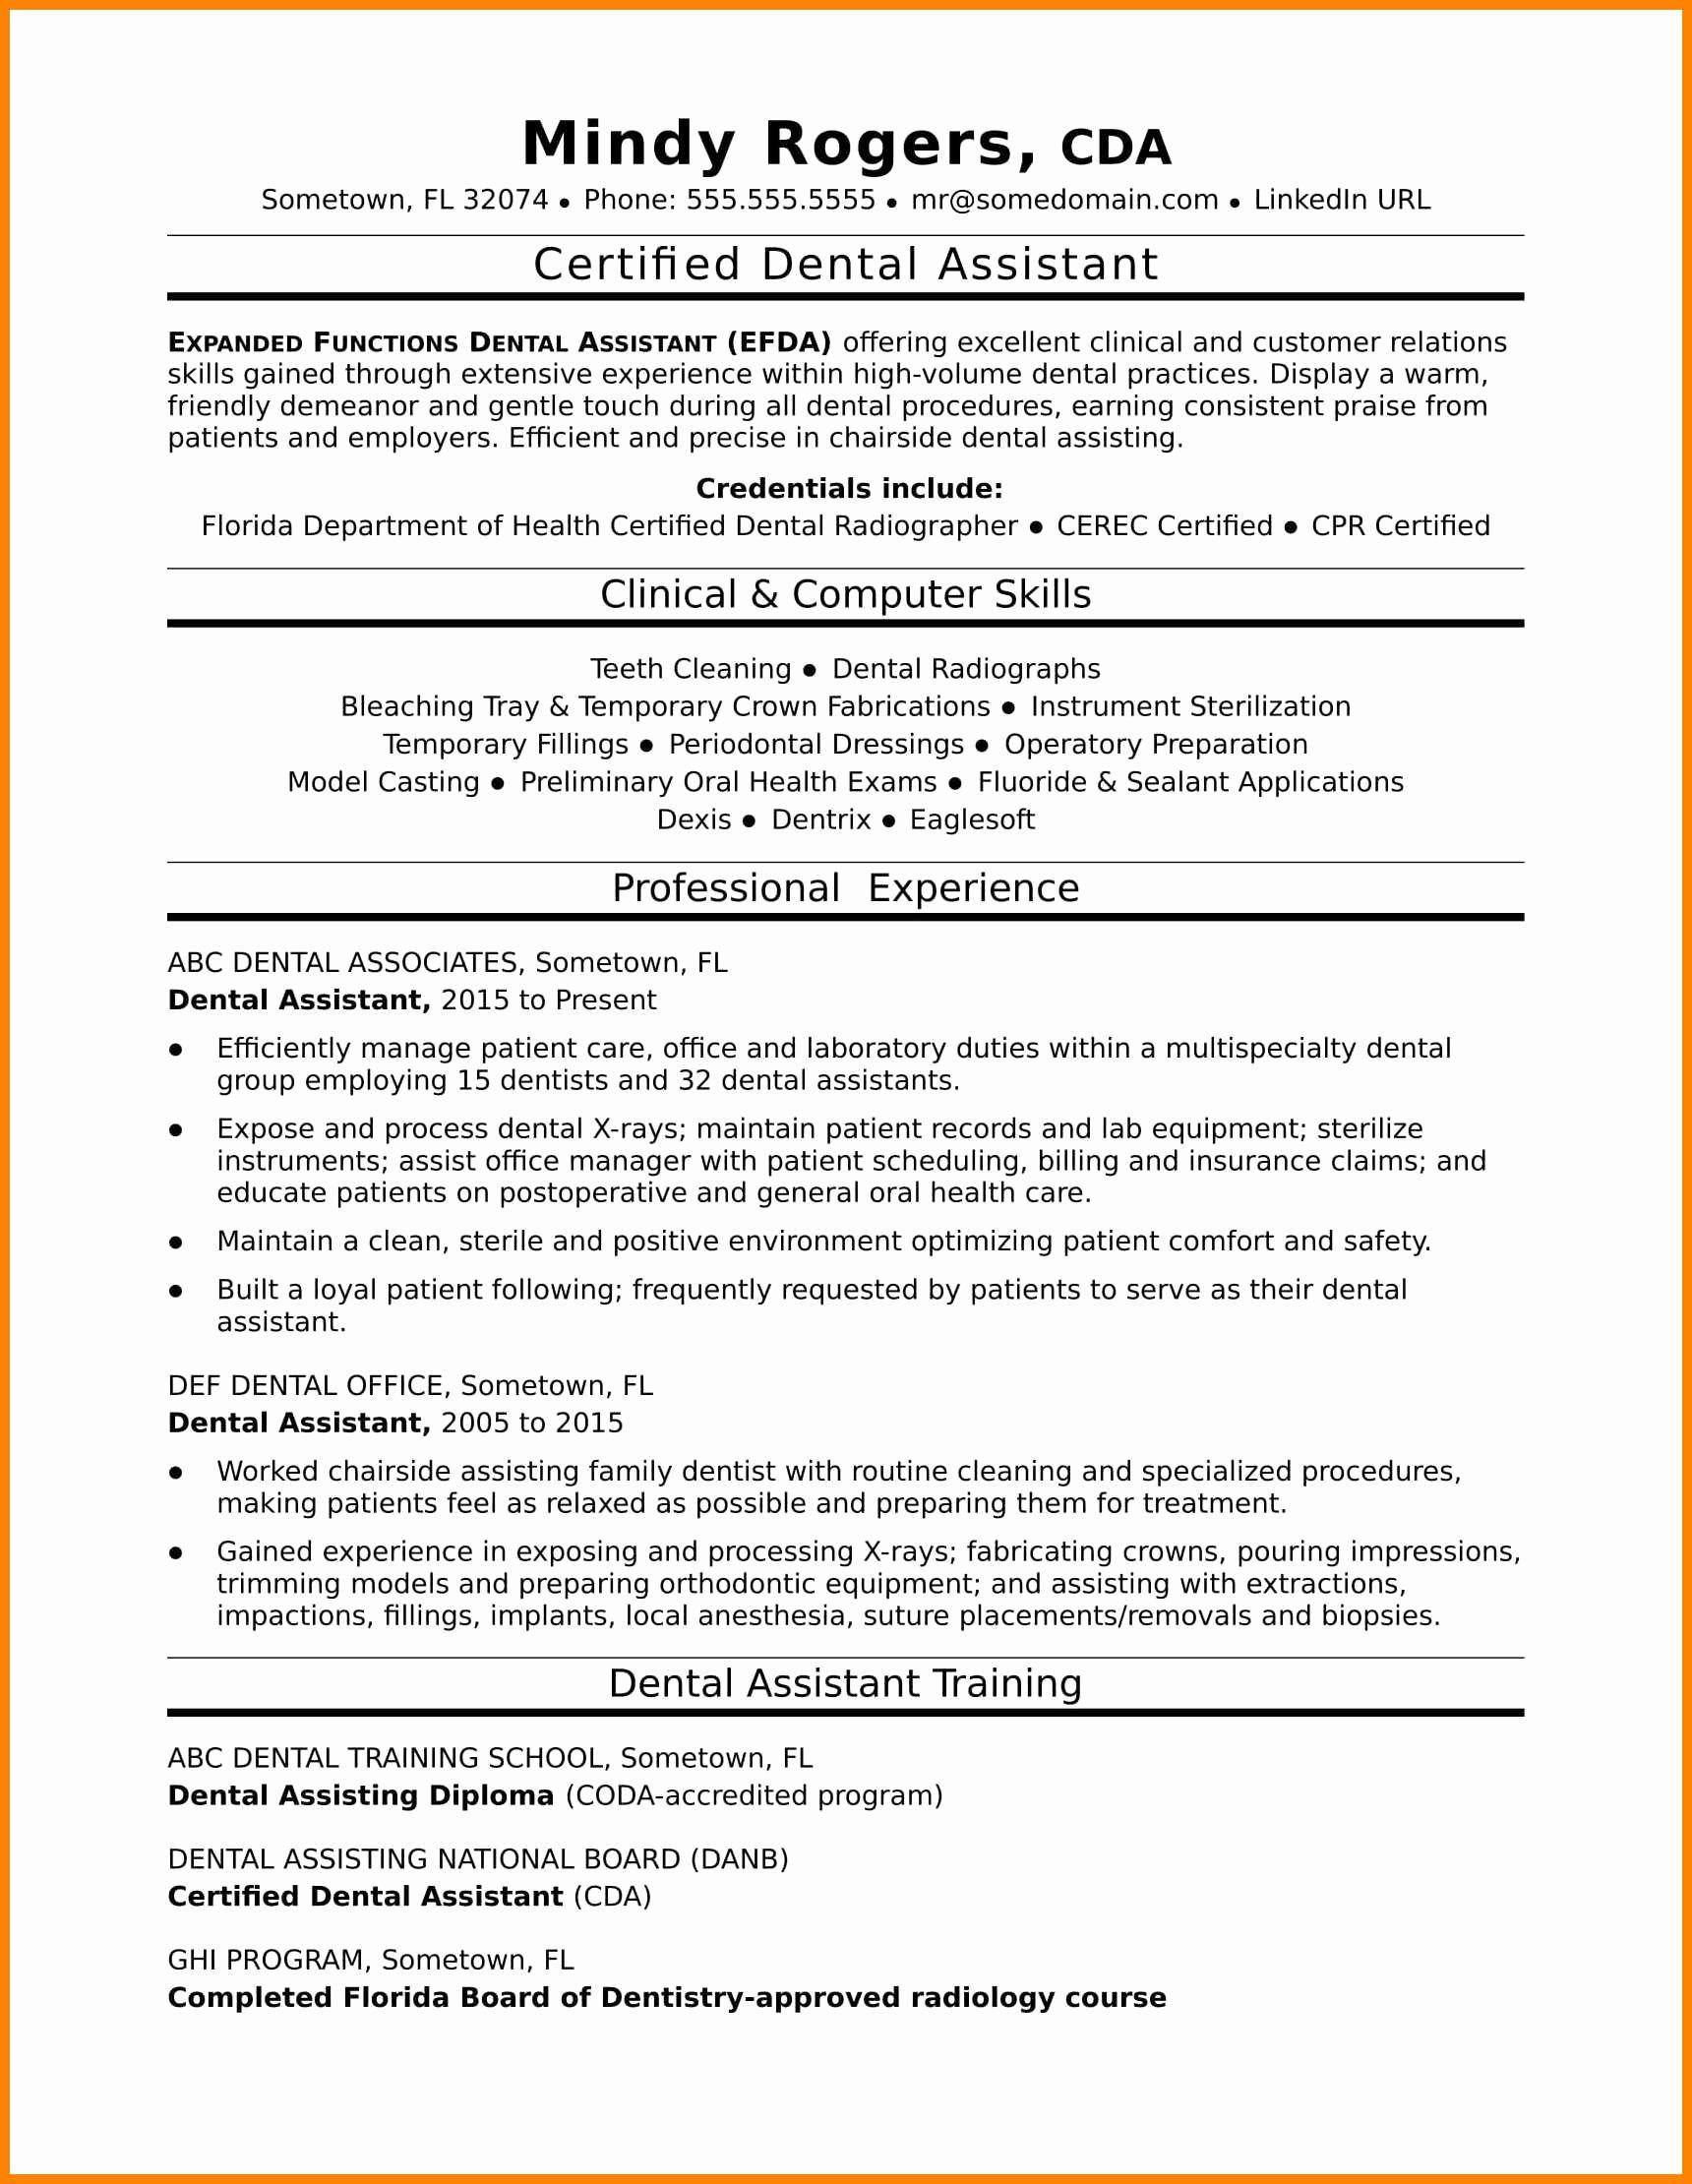 16 Dental assistant Skills for Resume